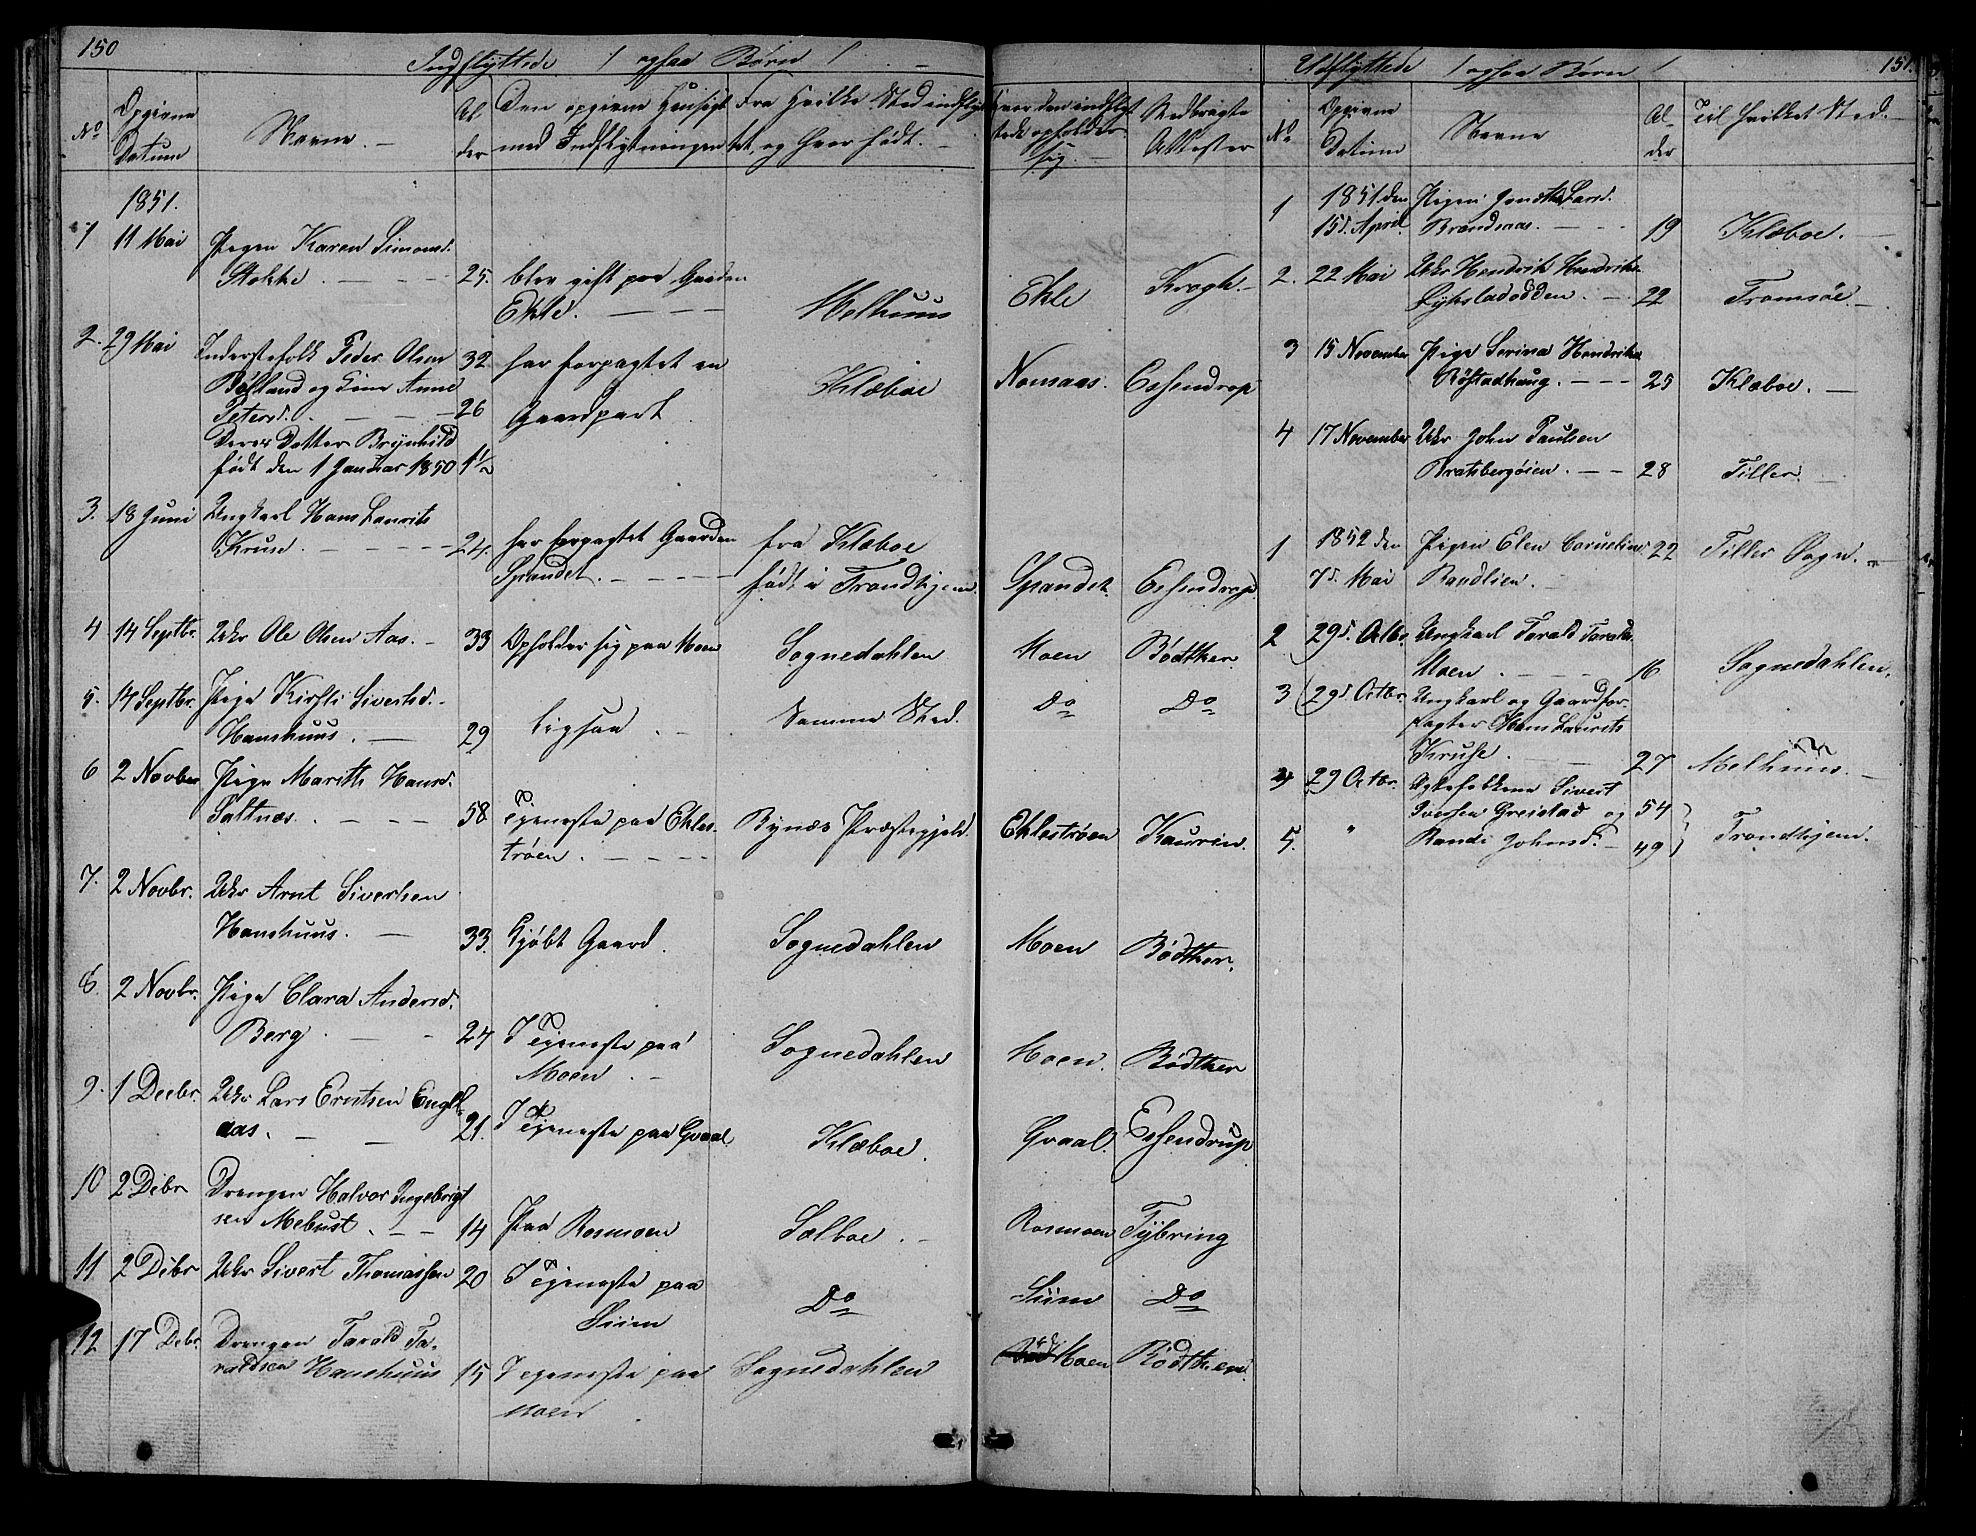 SAT, Ministerialprotokoller, klokkerbøker og fødselsregistre - Sør-Trøndelag, 608/L0339: Klokkerbok nr. 608C05, 1844-1863, s. 150-151